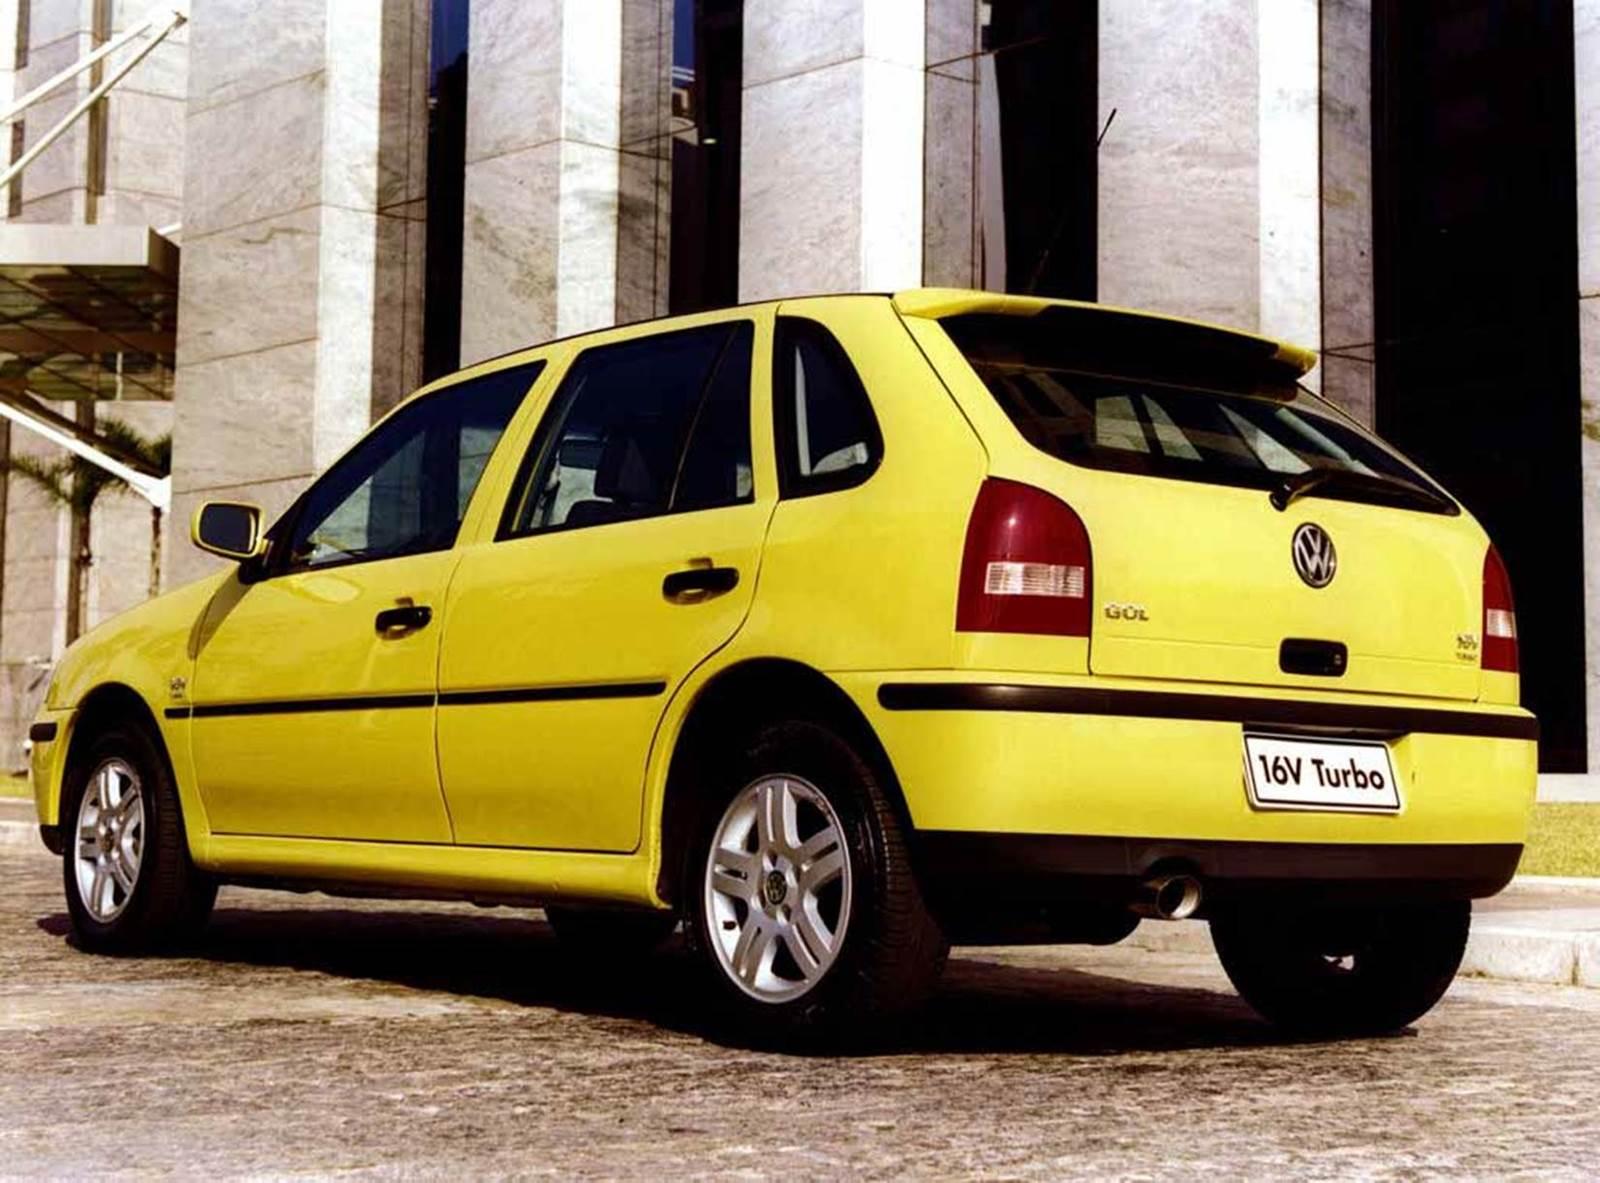 VW Gol Turbo 2001 4